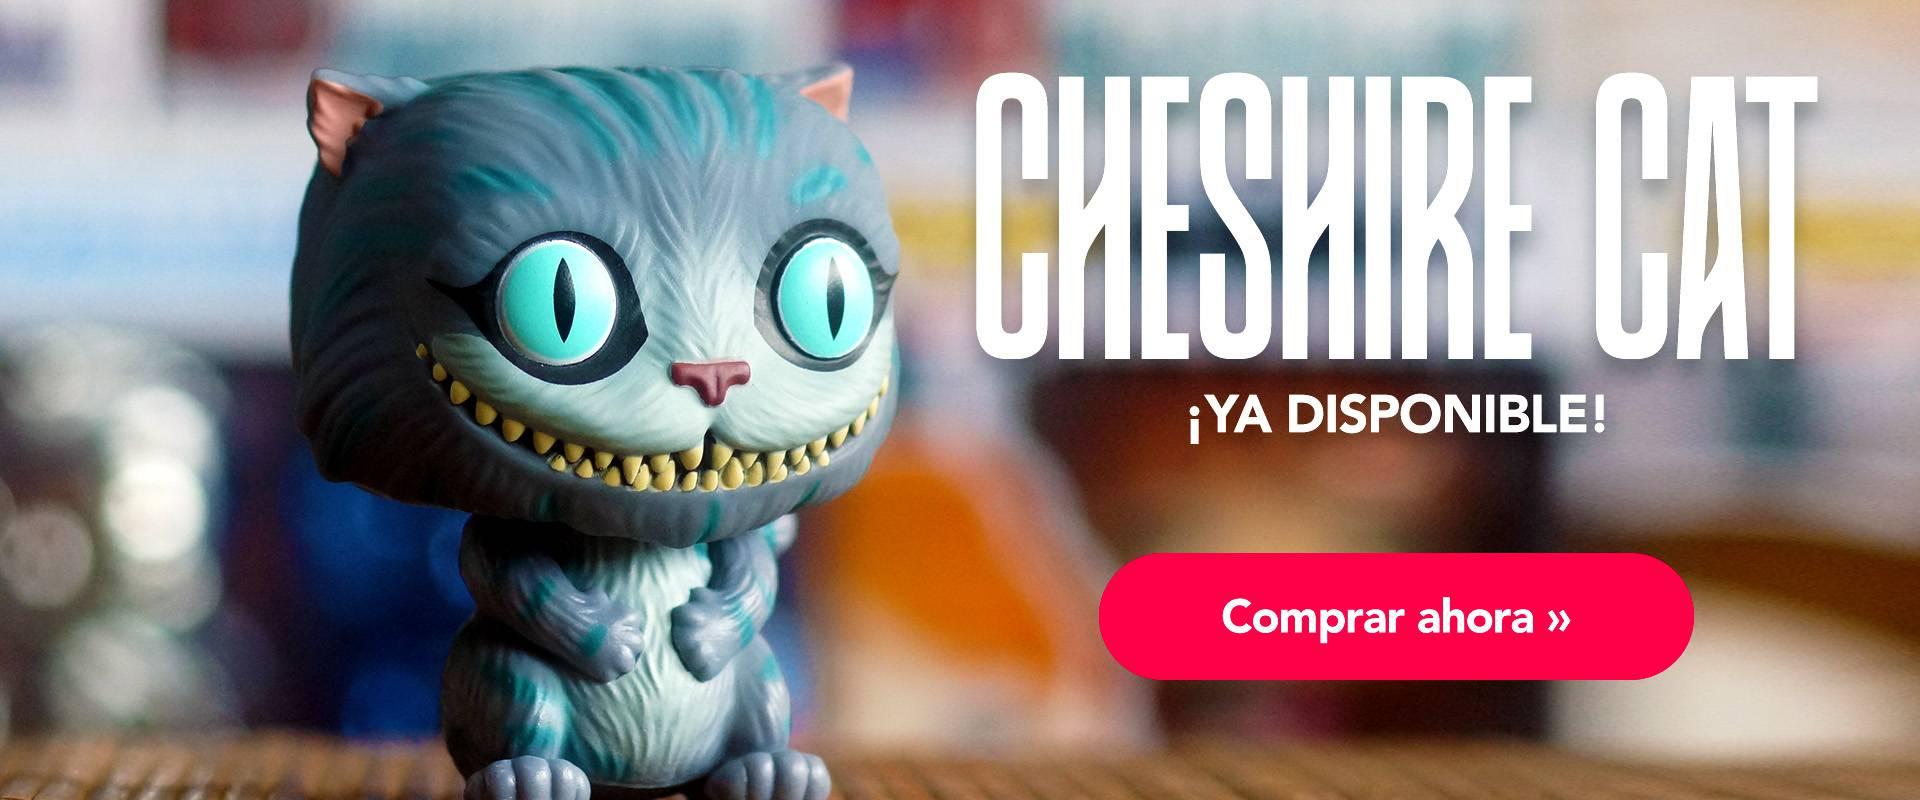 Cheshire Cat Banner Julio